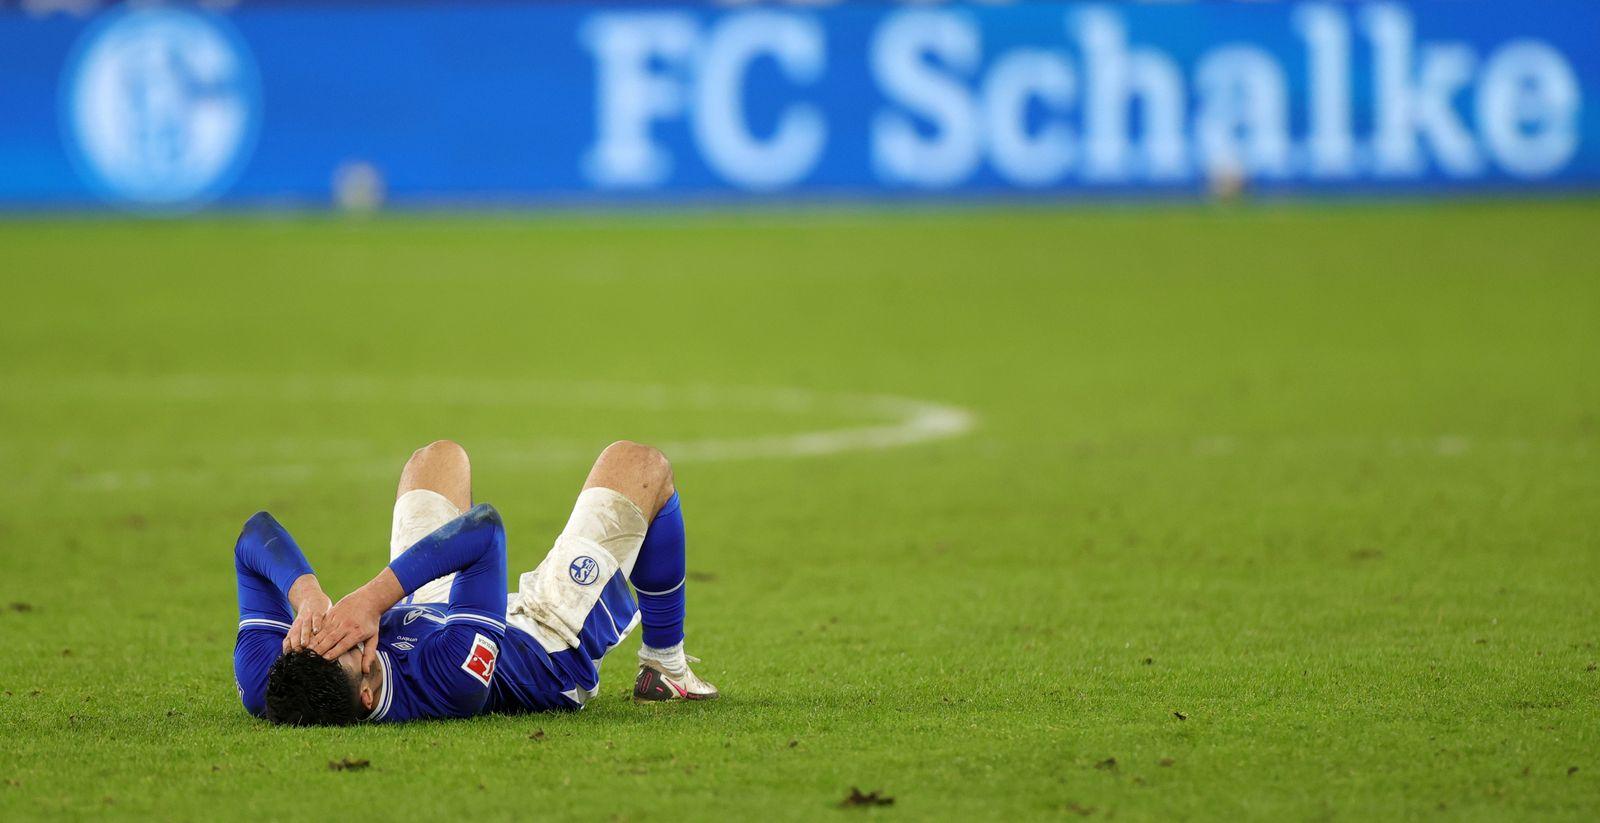 FC Schalke 04 vs 1. FC Koeln, Gelsenkirchen, Germany - 20 Jan 2021